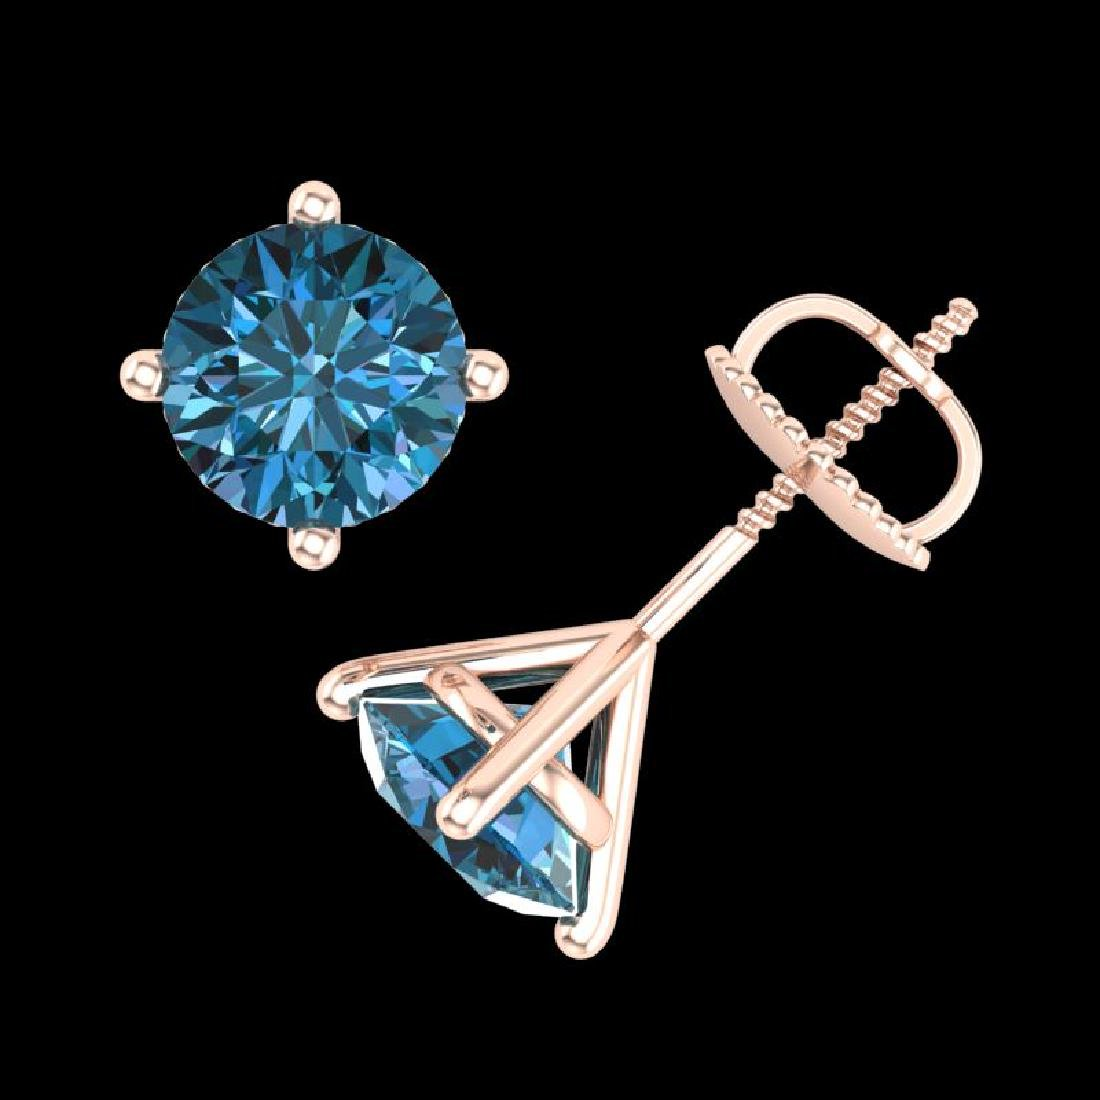 2 CTW Fancy Intense Blue Diamond Solitaire Art Deco - 3